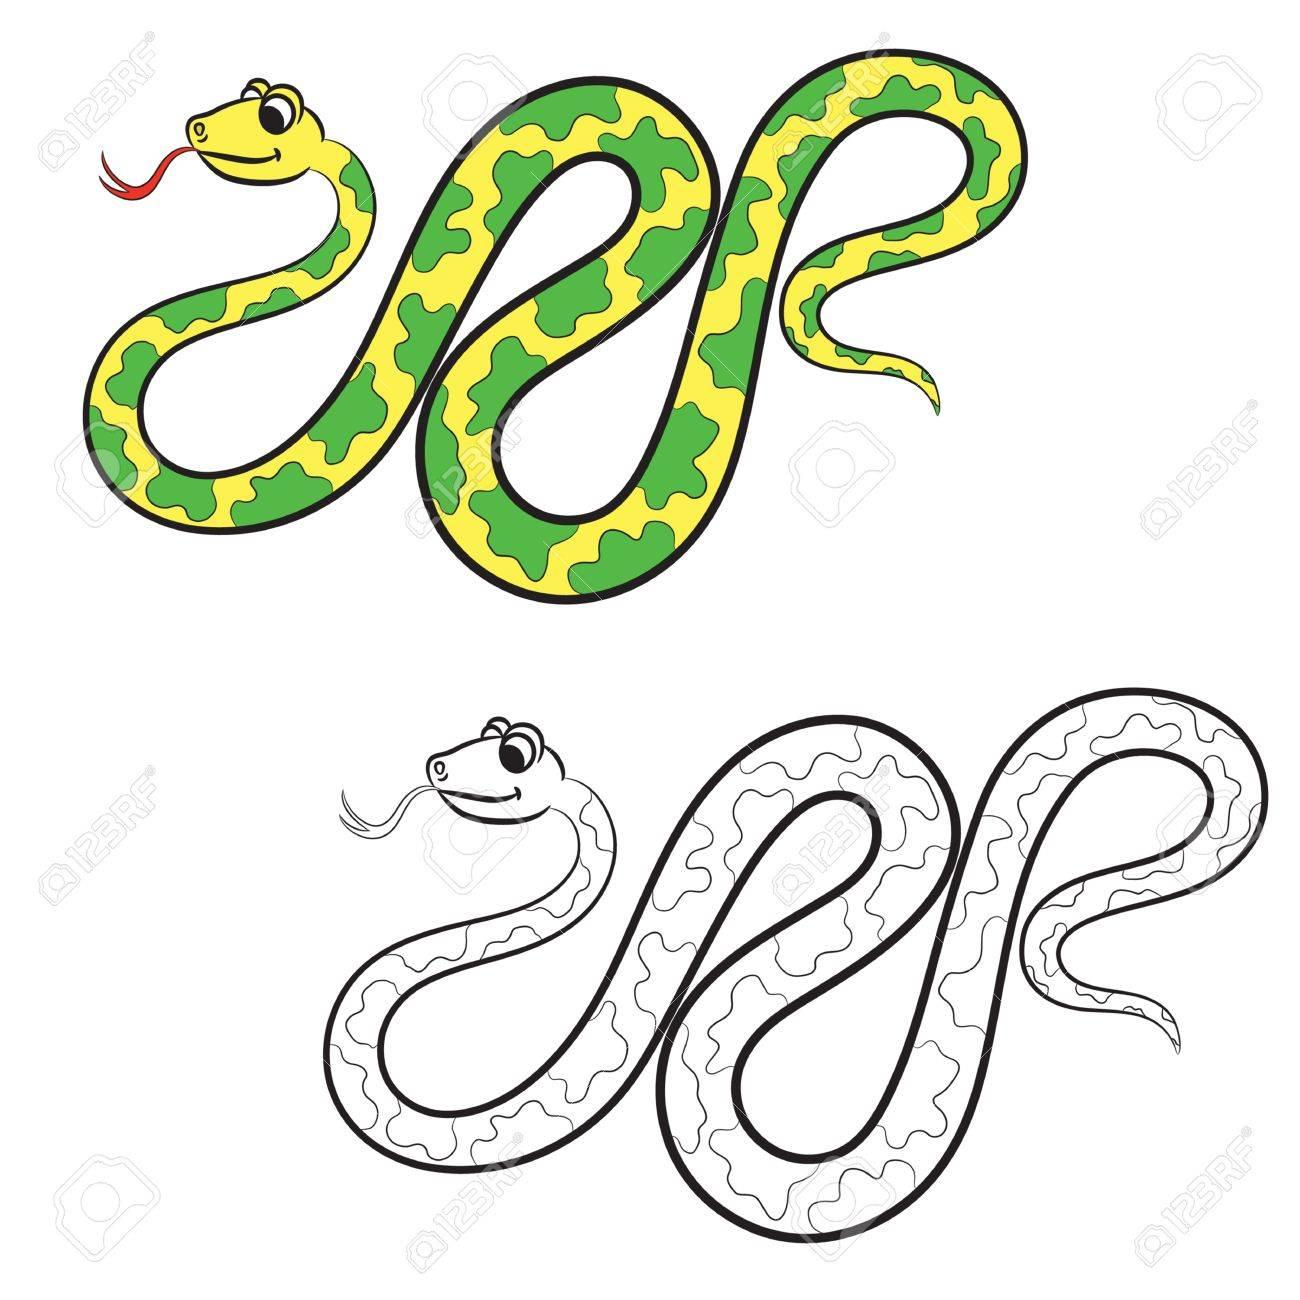 Ilustración De La Serpiente. Libro Para Colorear. Ilustraciones ...